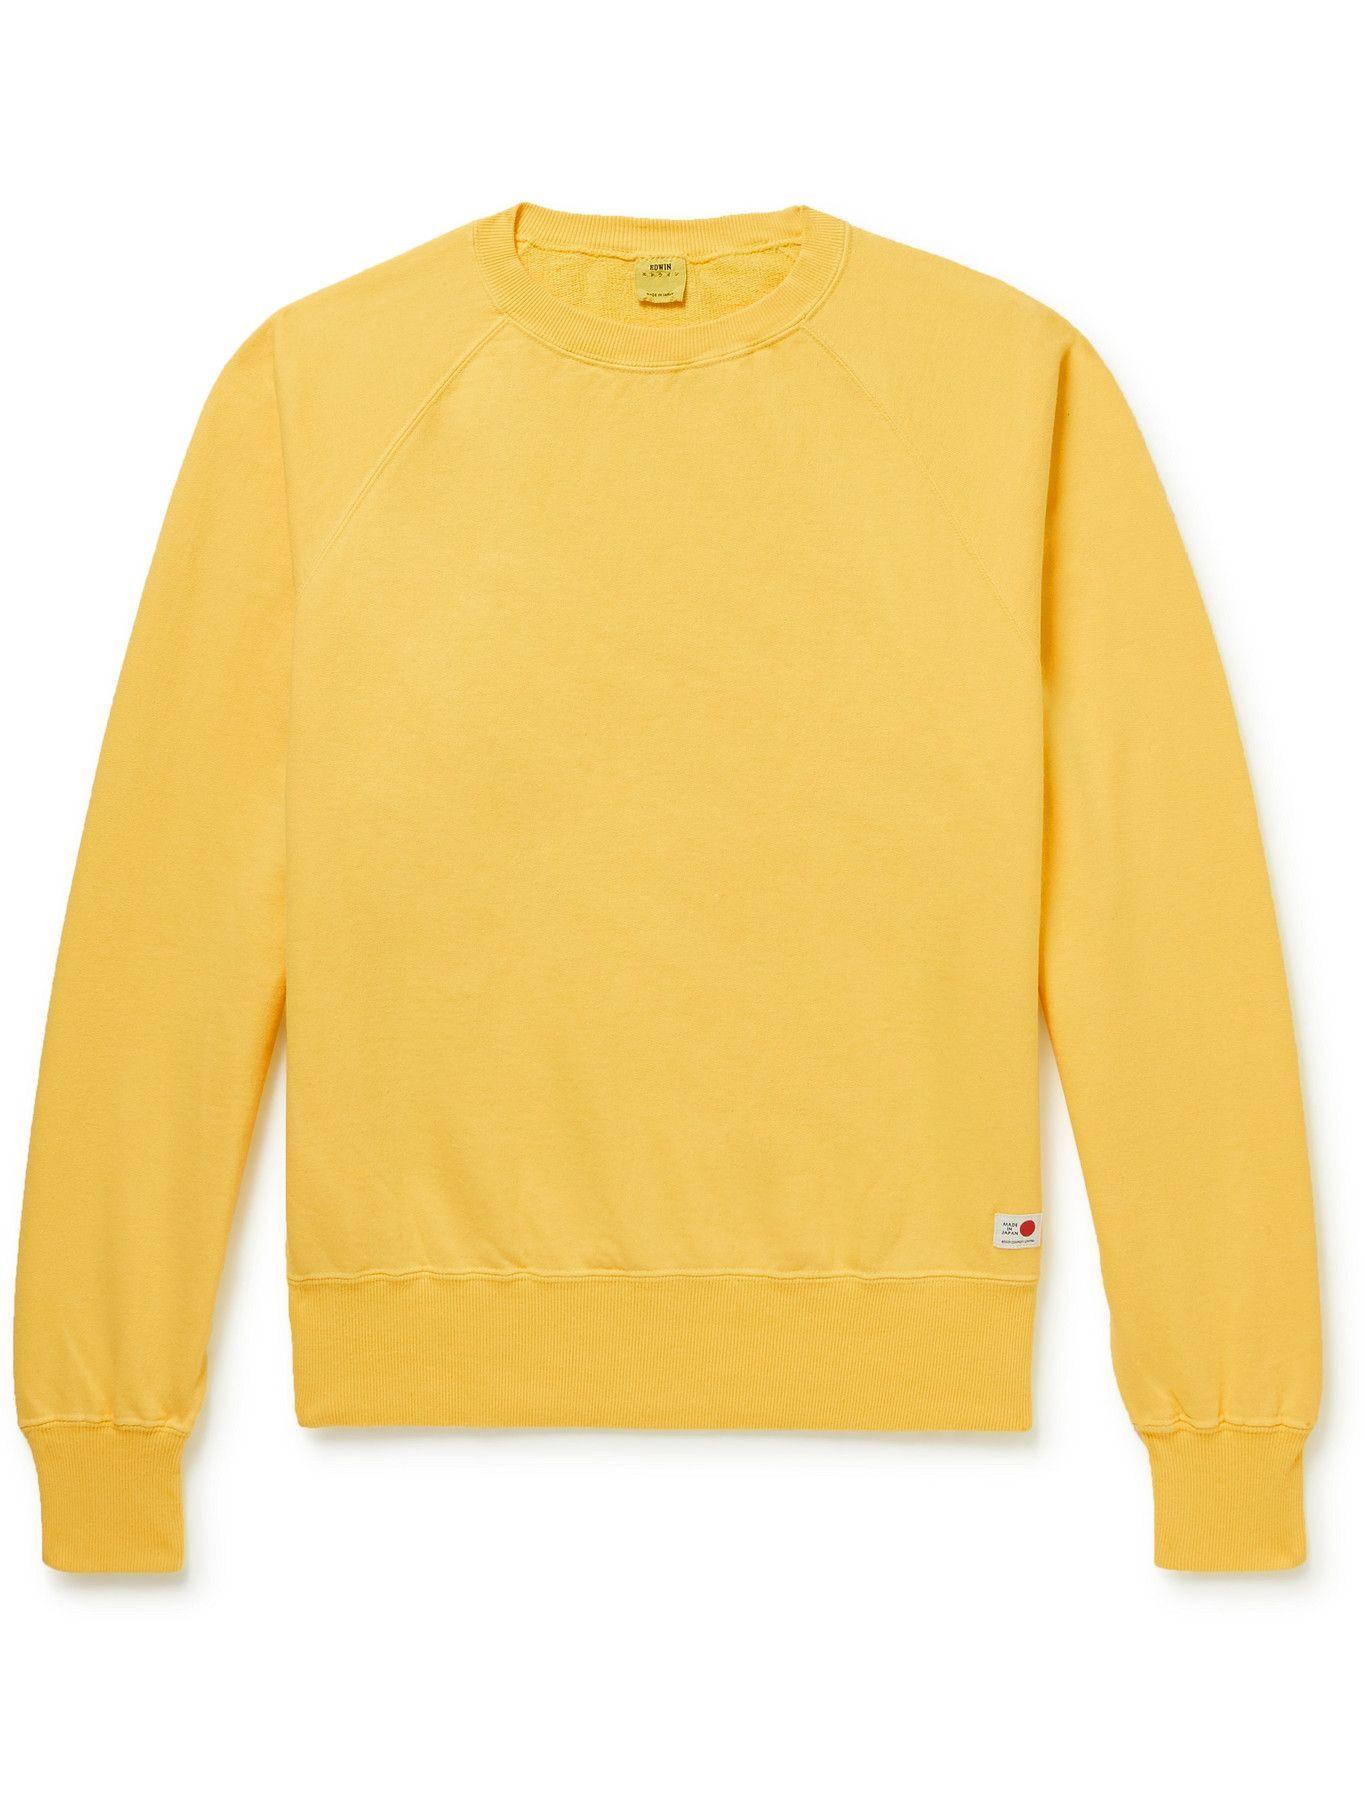 Photo: EDWIN - Cotton-Jersey Sweatshirt - Yellow